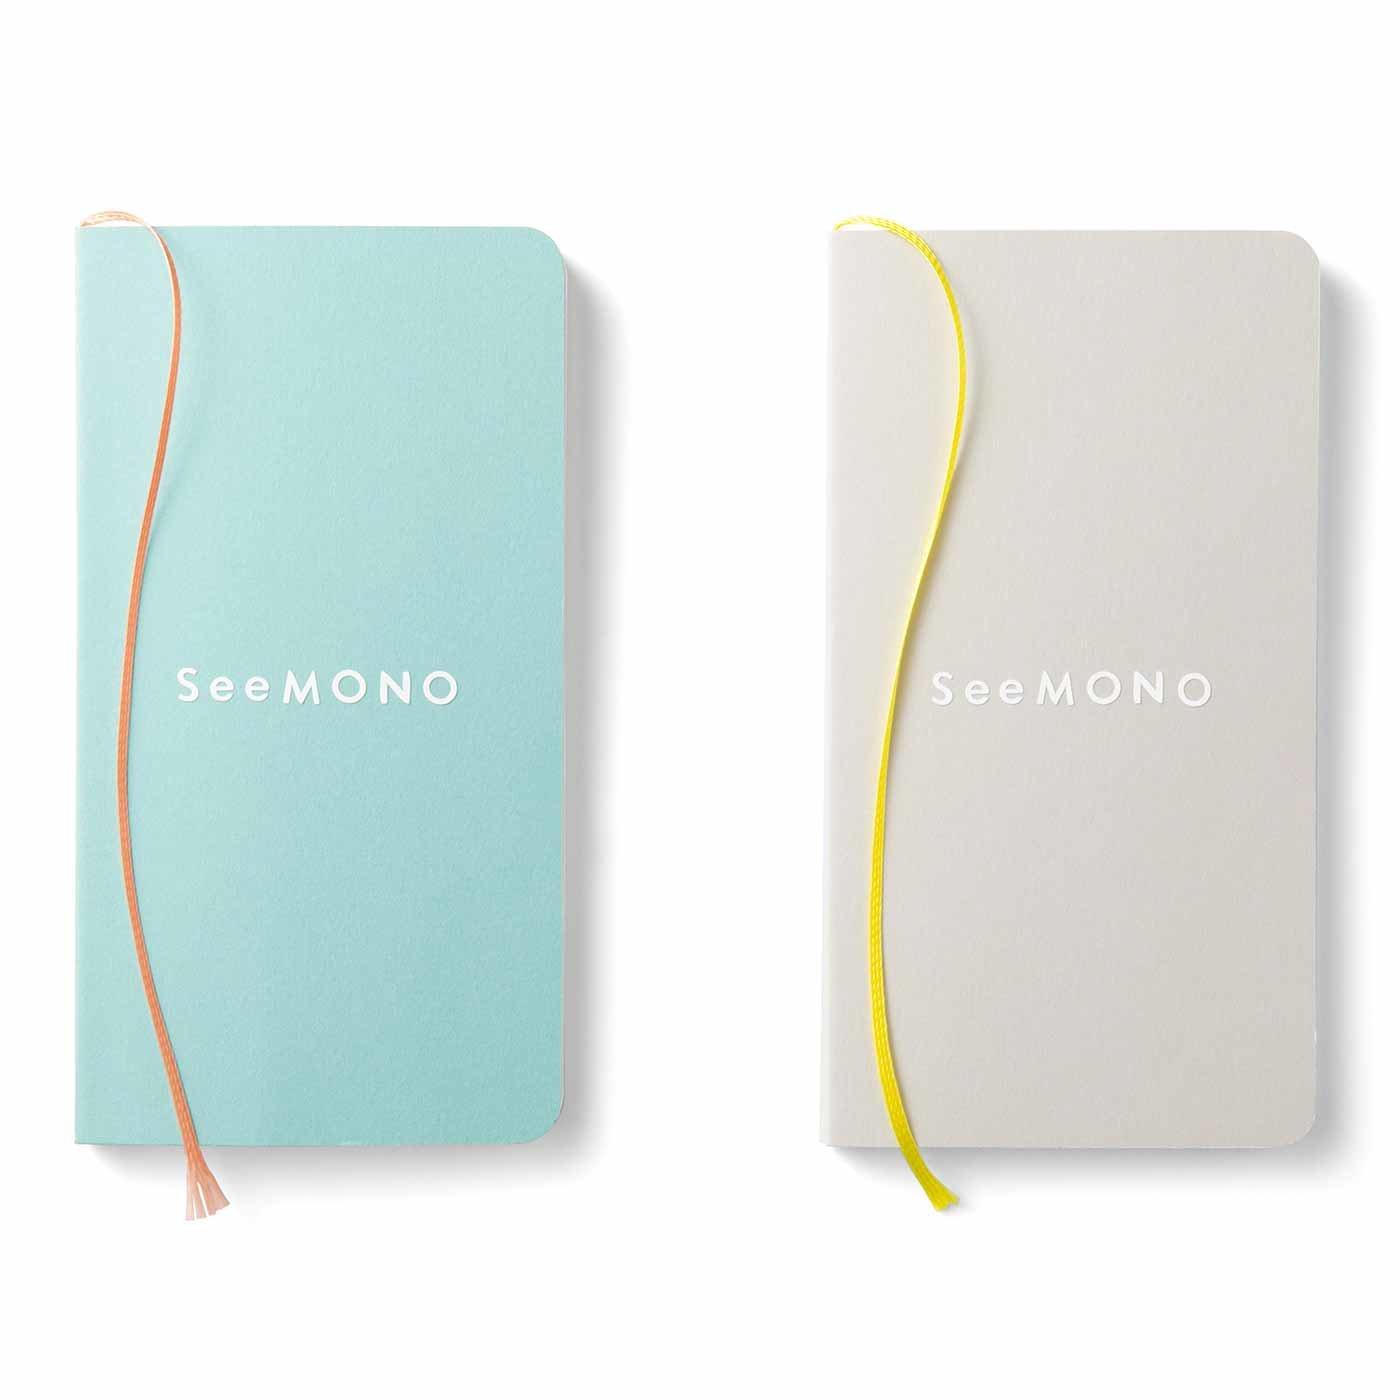 SeeMONO 思い立ったらサッと予定管理 片手サイズのノート2冊セット